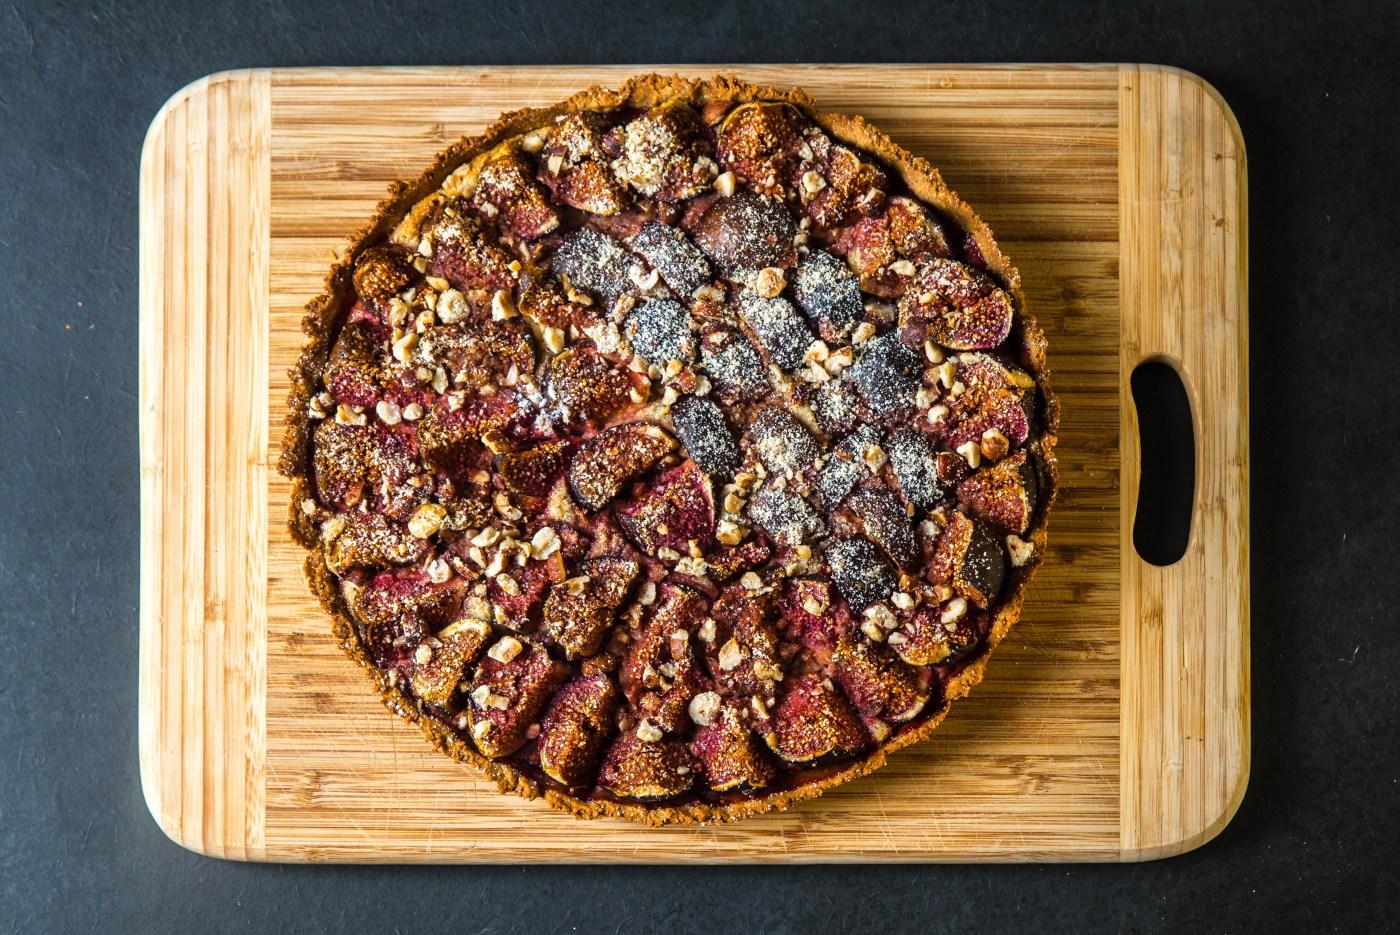 Recette tarte aux figues Blog voyage